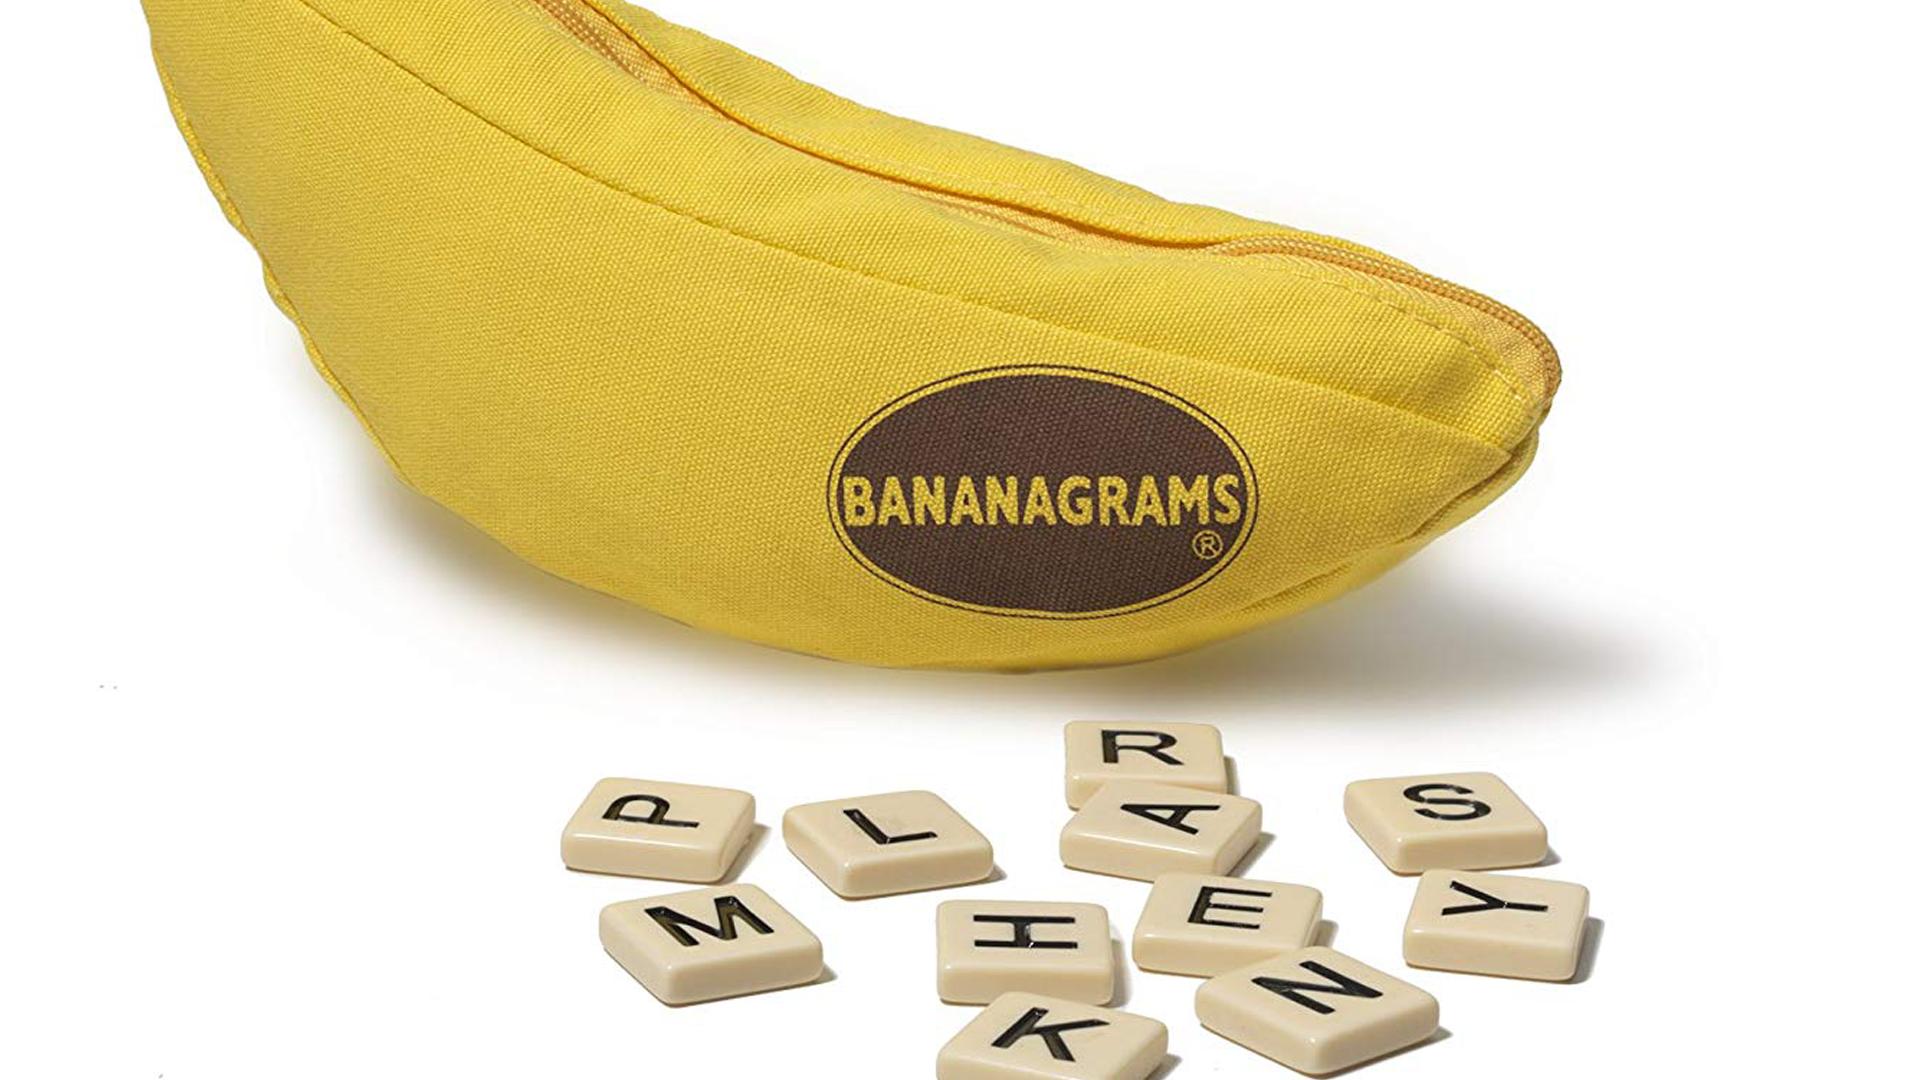 Bananagrams board game artwork